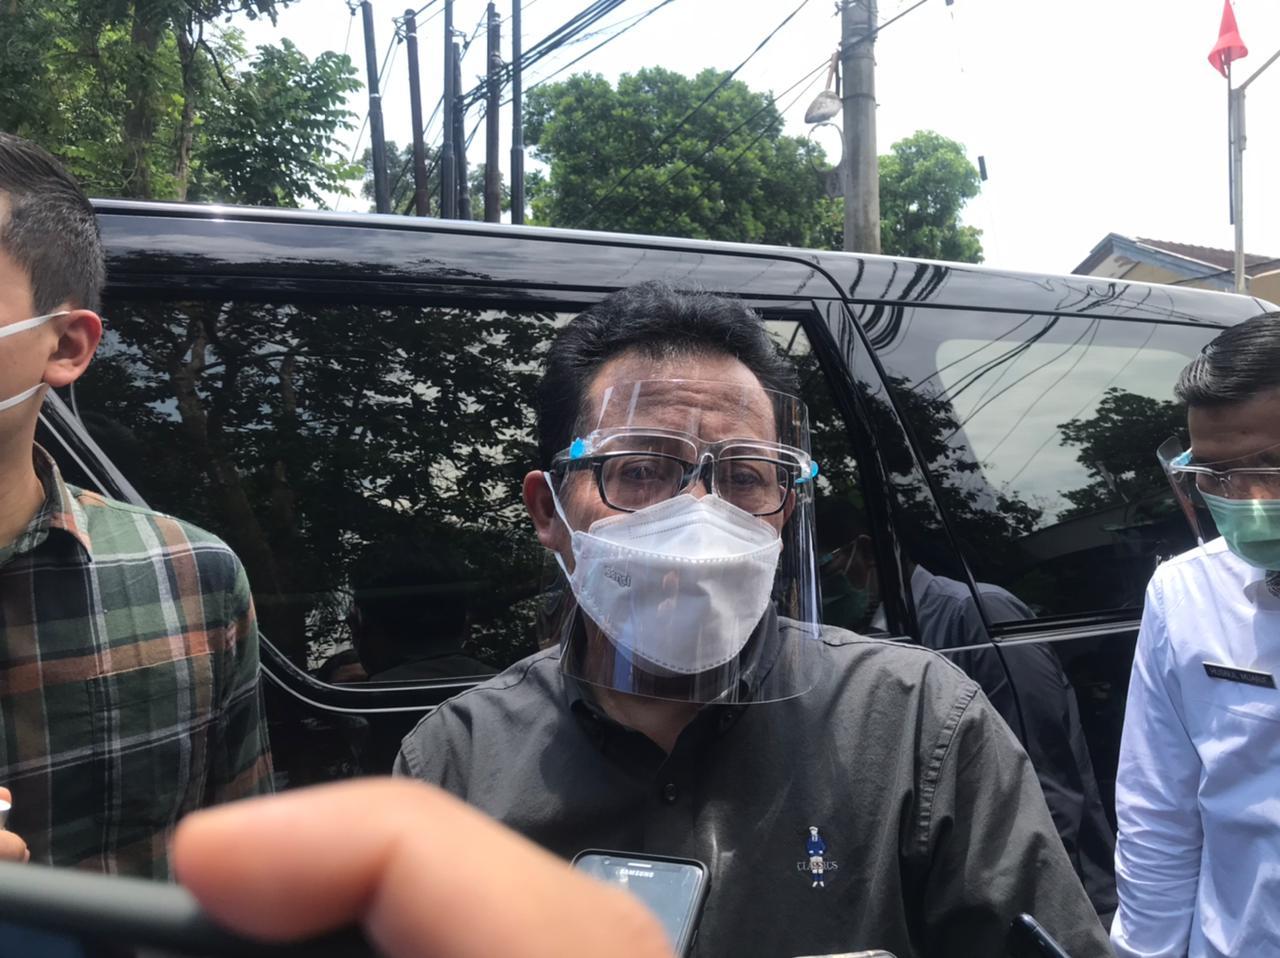 Wali Kota Malang, Sutiaji mendatangi Yayasan Bhakti Luhur, Kota Malang, Rabu (3/3/2021) untuk tinjau penerapan isolasi mandiri. (Foto: Pemkot Malang) tugu jatim